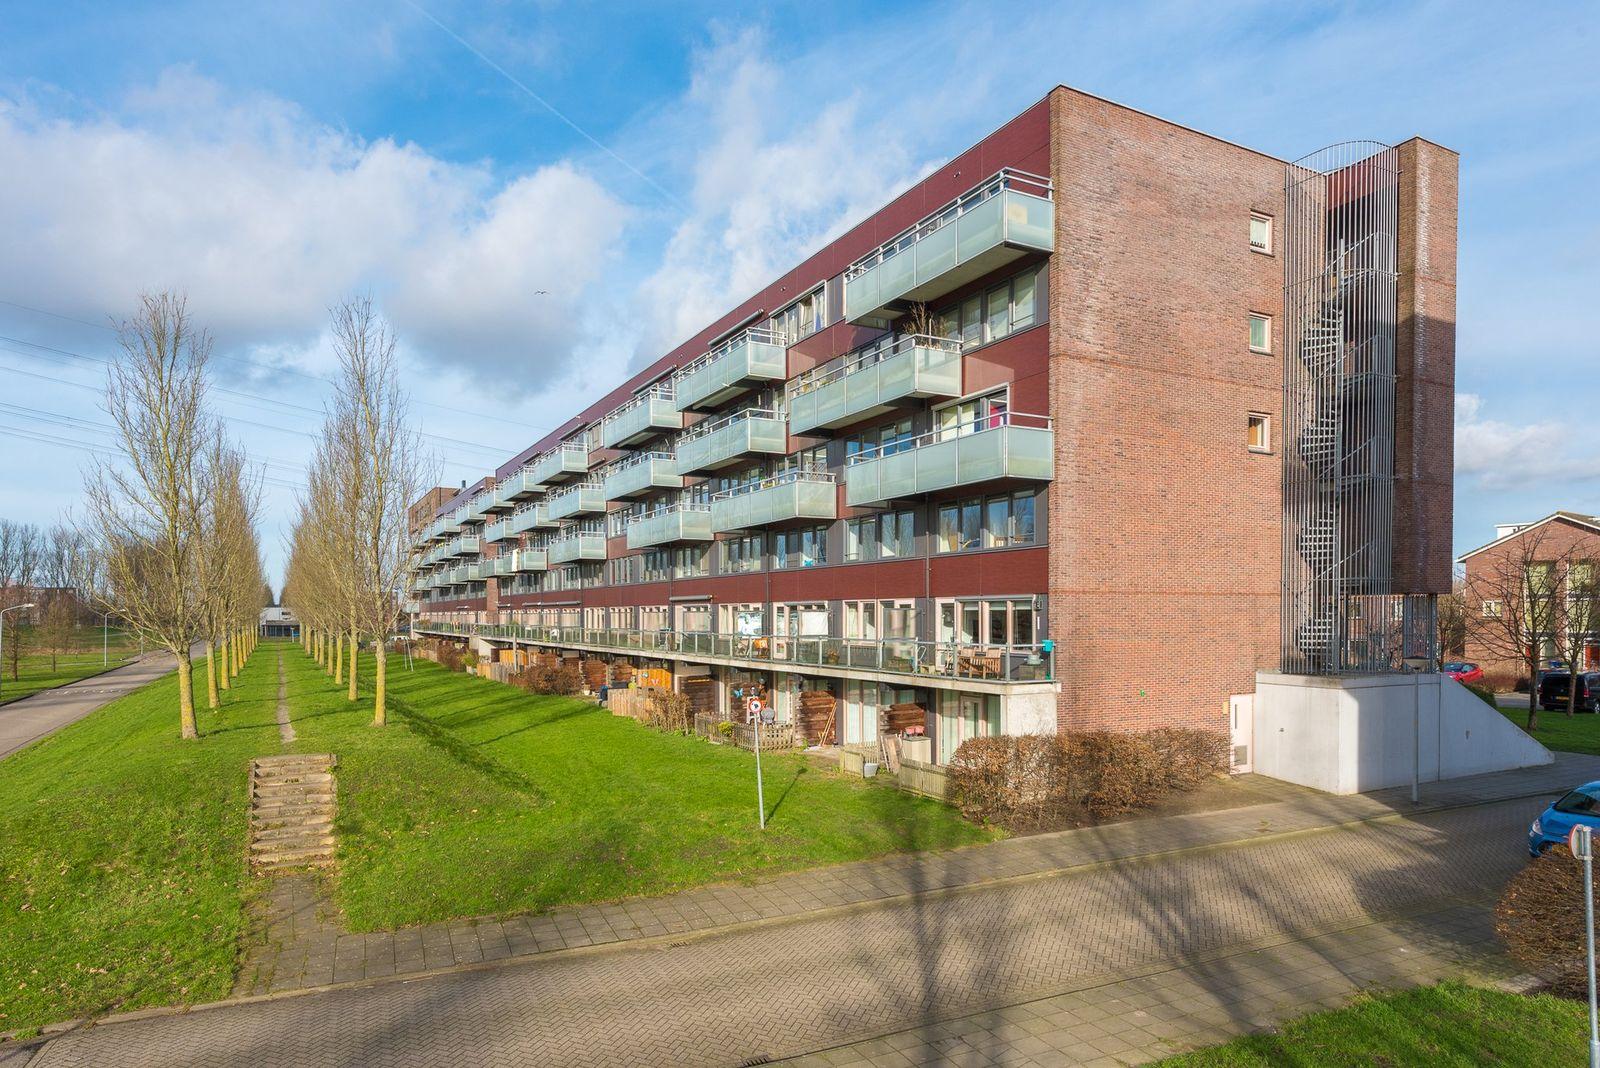 Paul Kleestraat 66, Almere